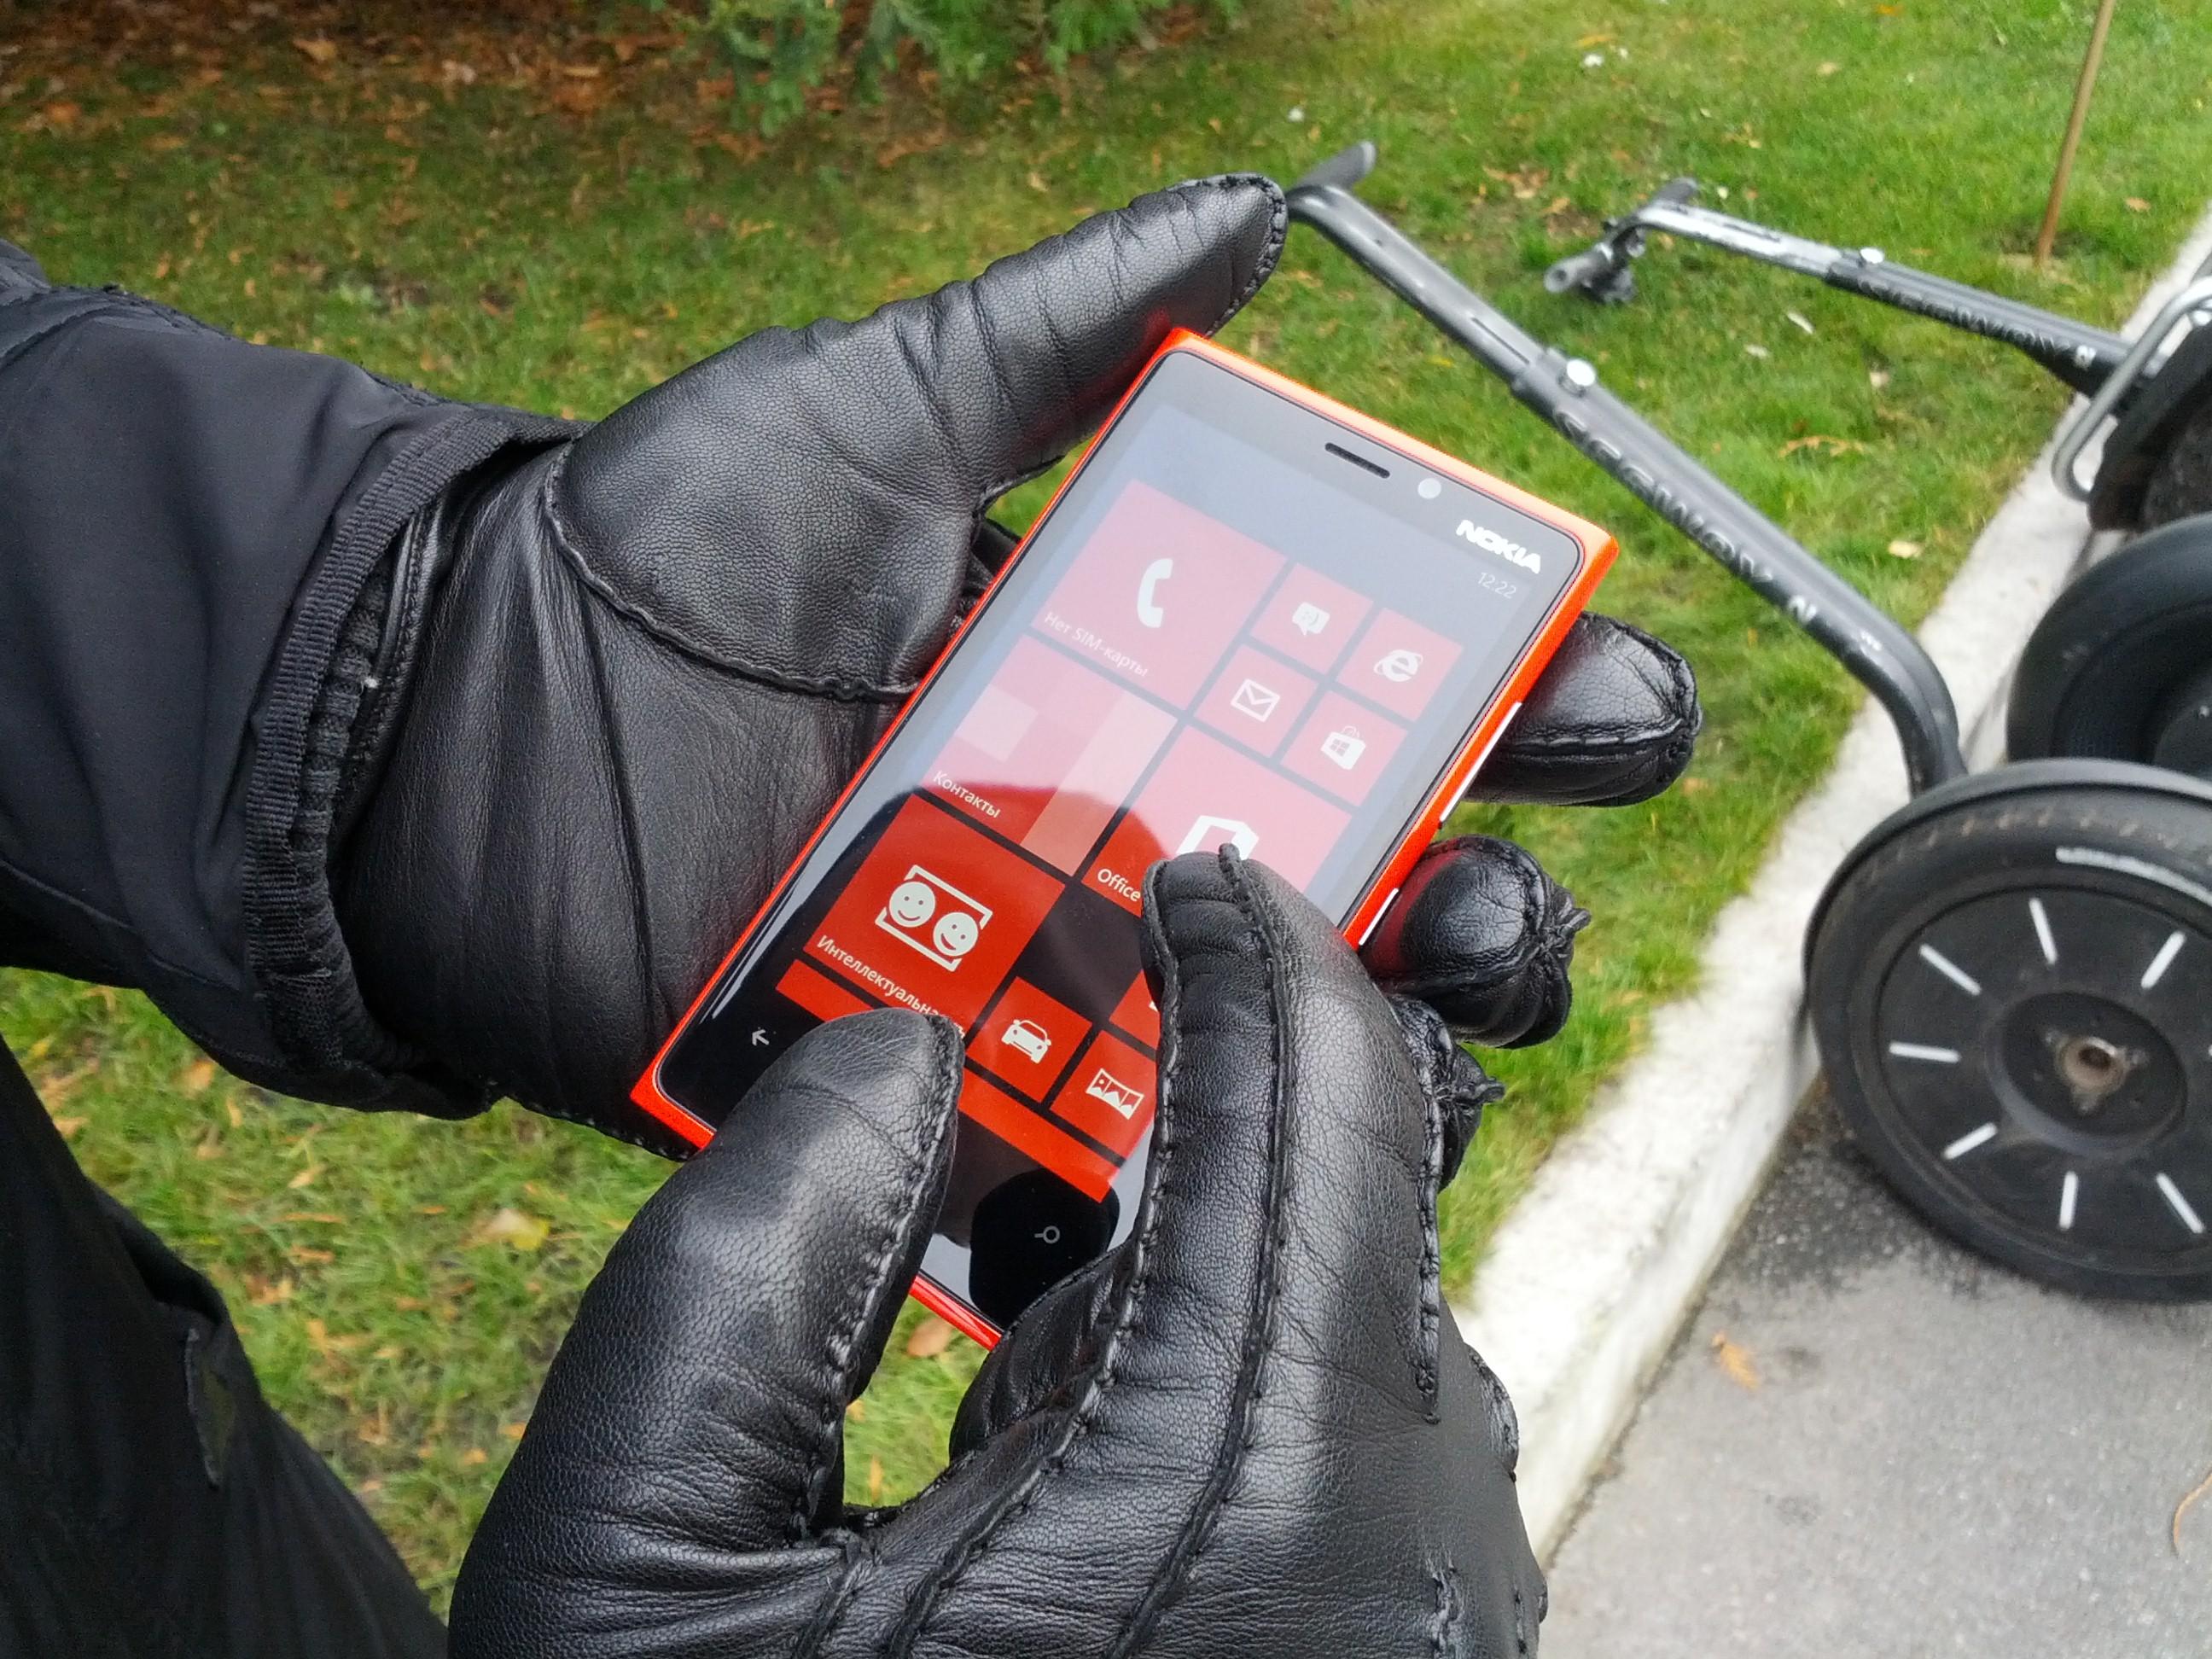 Экран Nokia Lumia 920 отзывается на прикосновения даже в перчатках